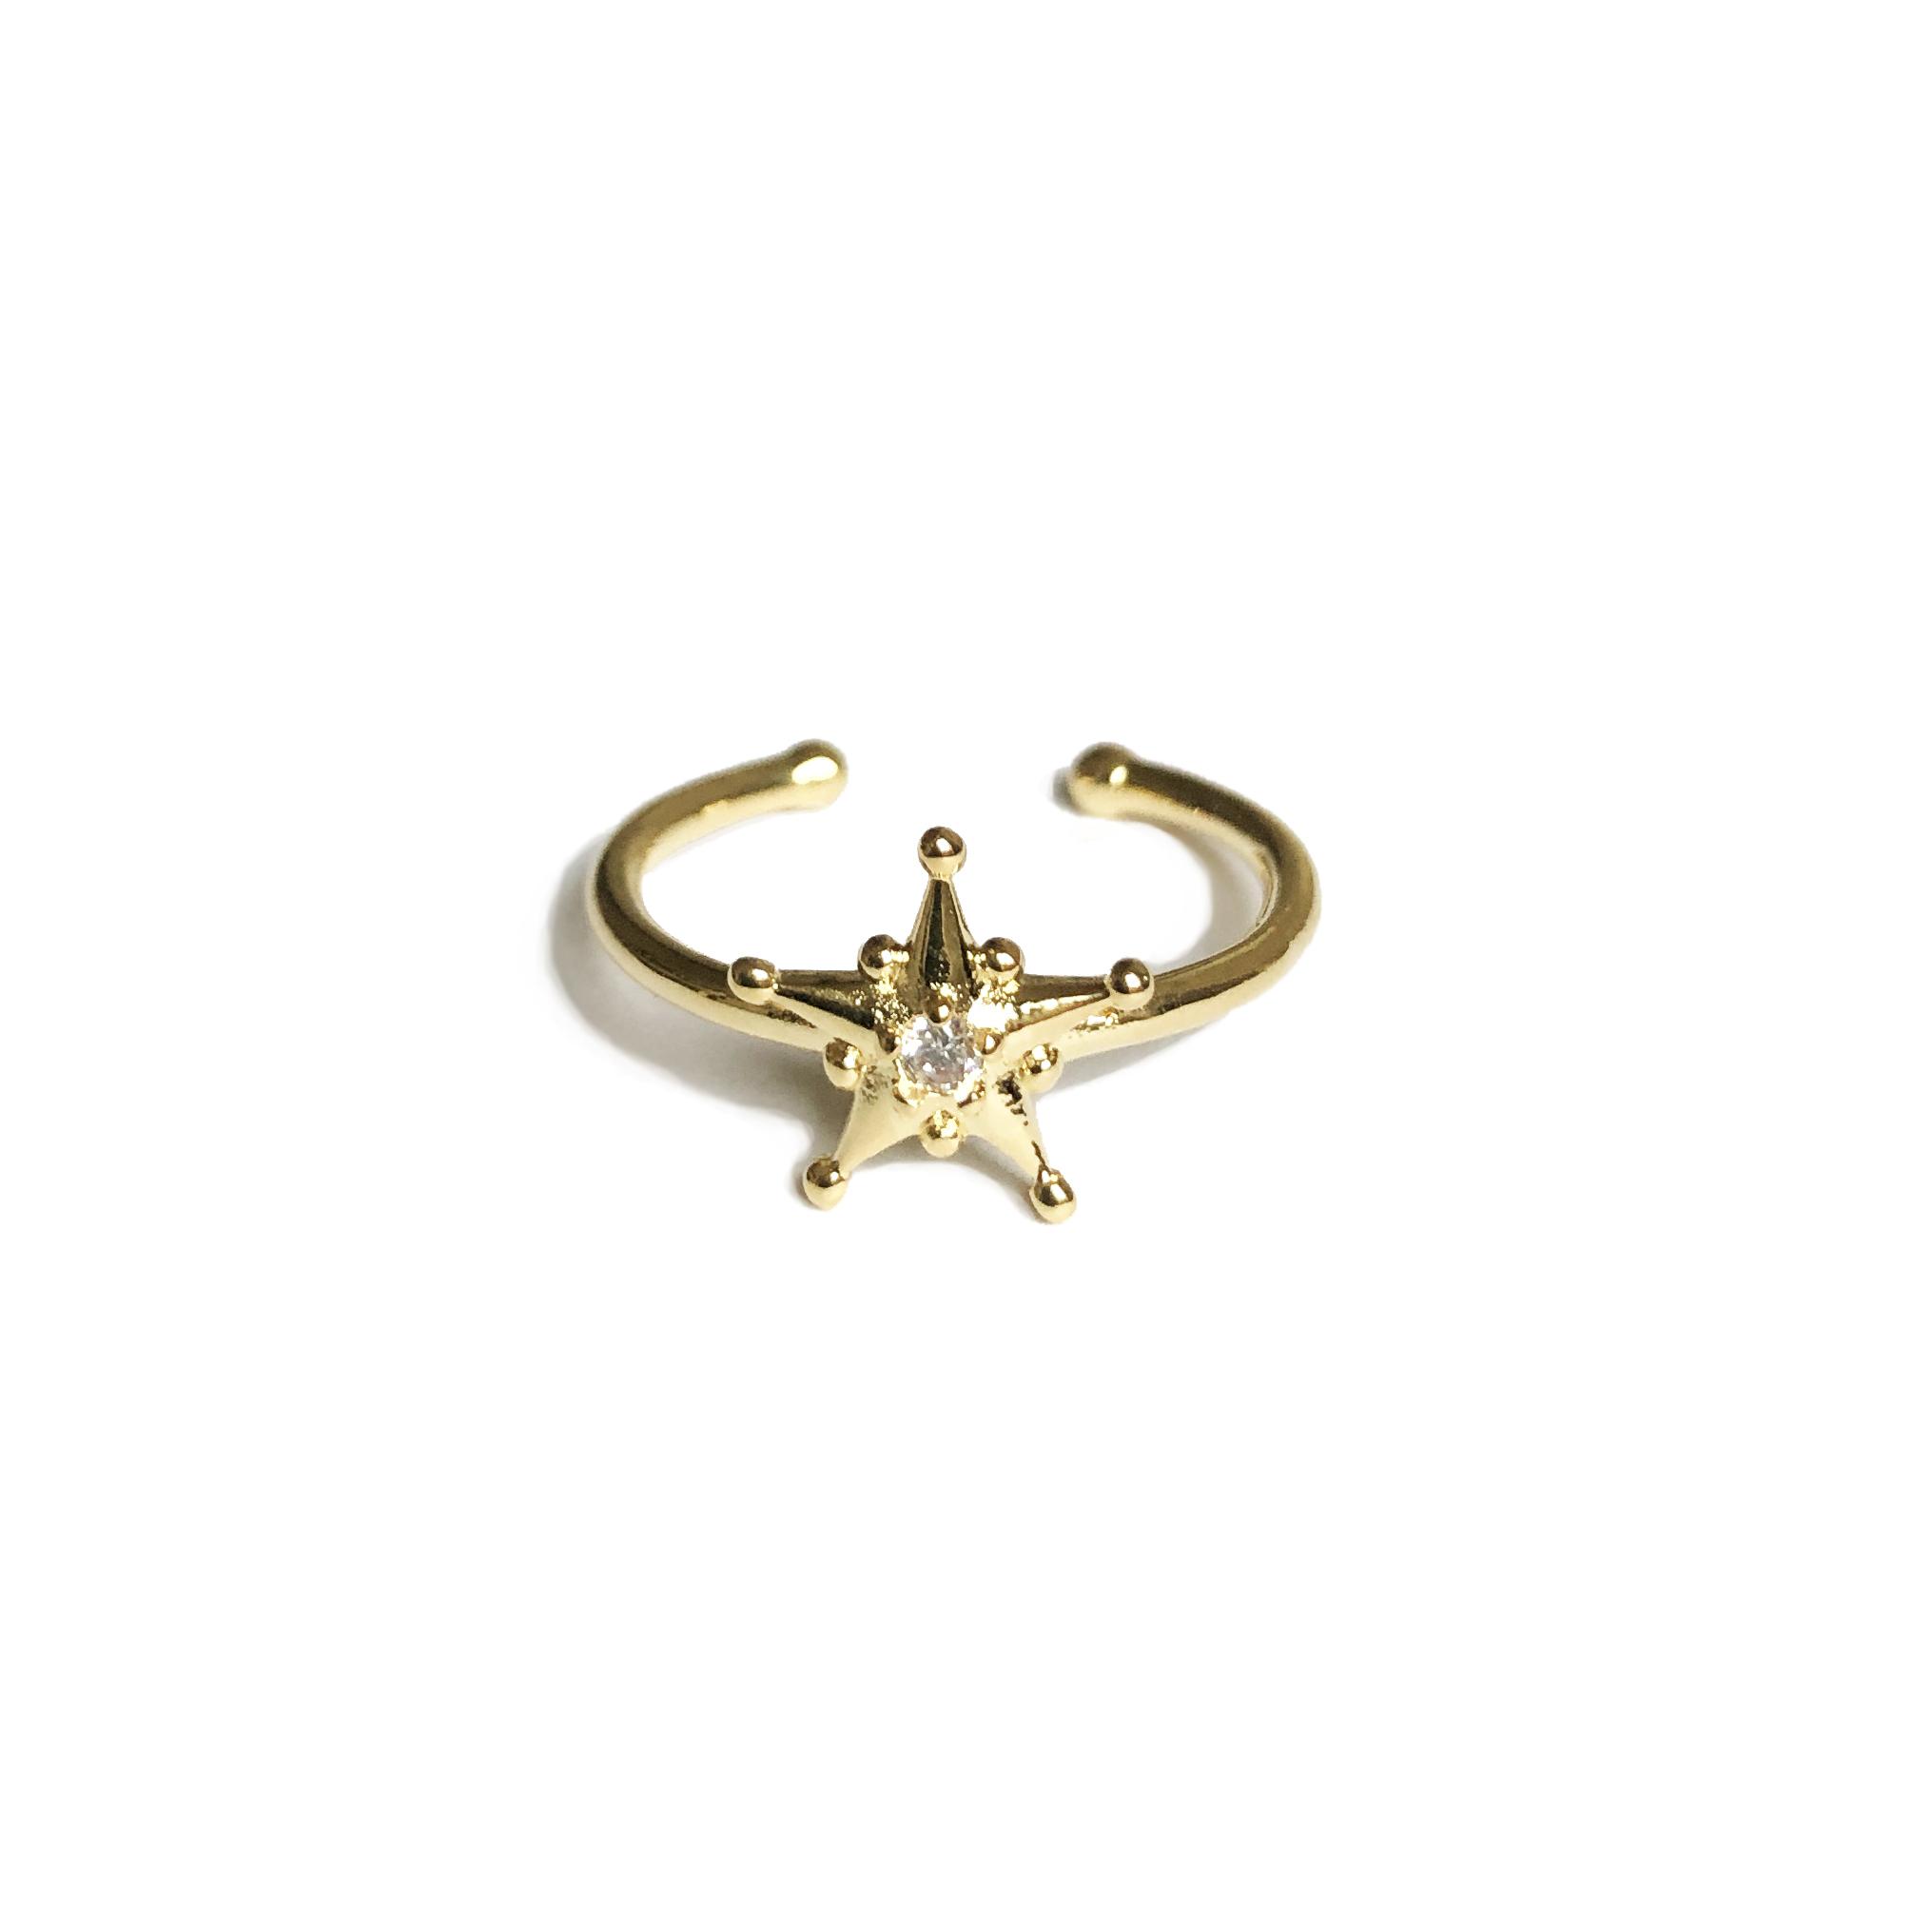 Bague-Orion-étoile-Zircon-Plaque-or-Agnes-de-Verneuil